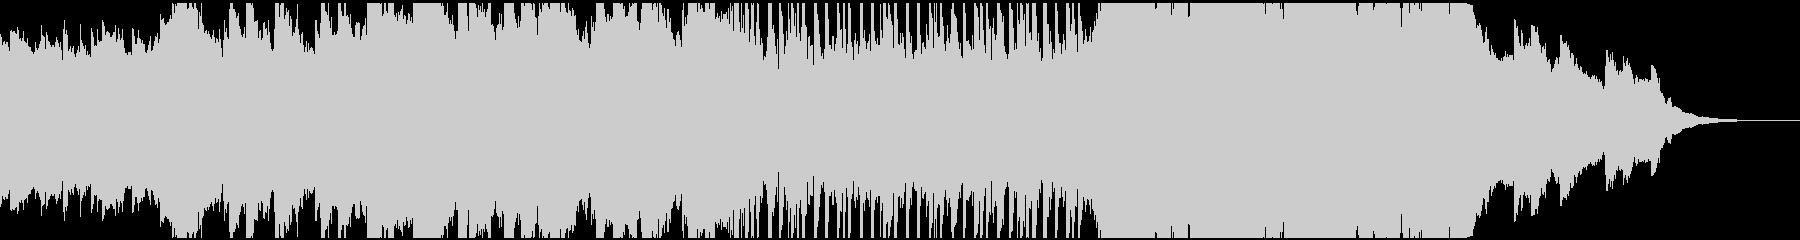 インディーズ ロック民謡の未再生の波形